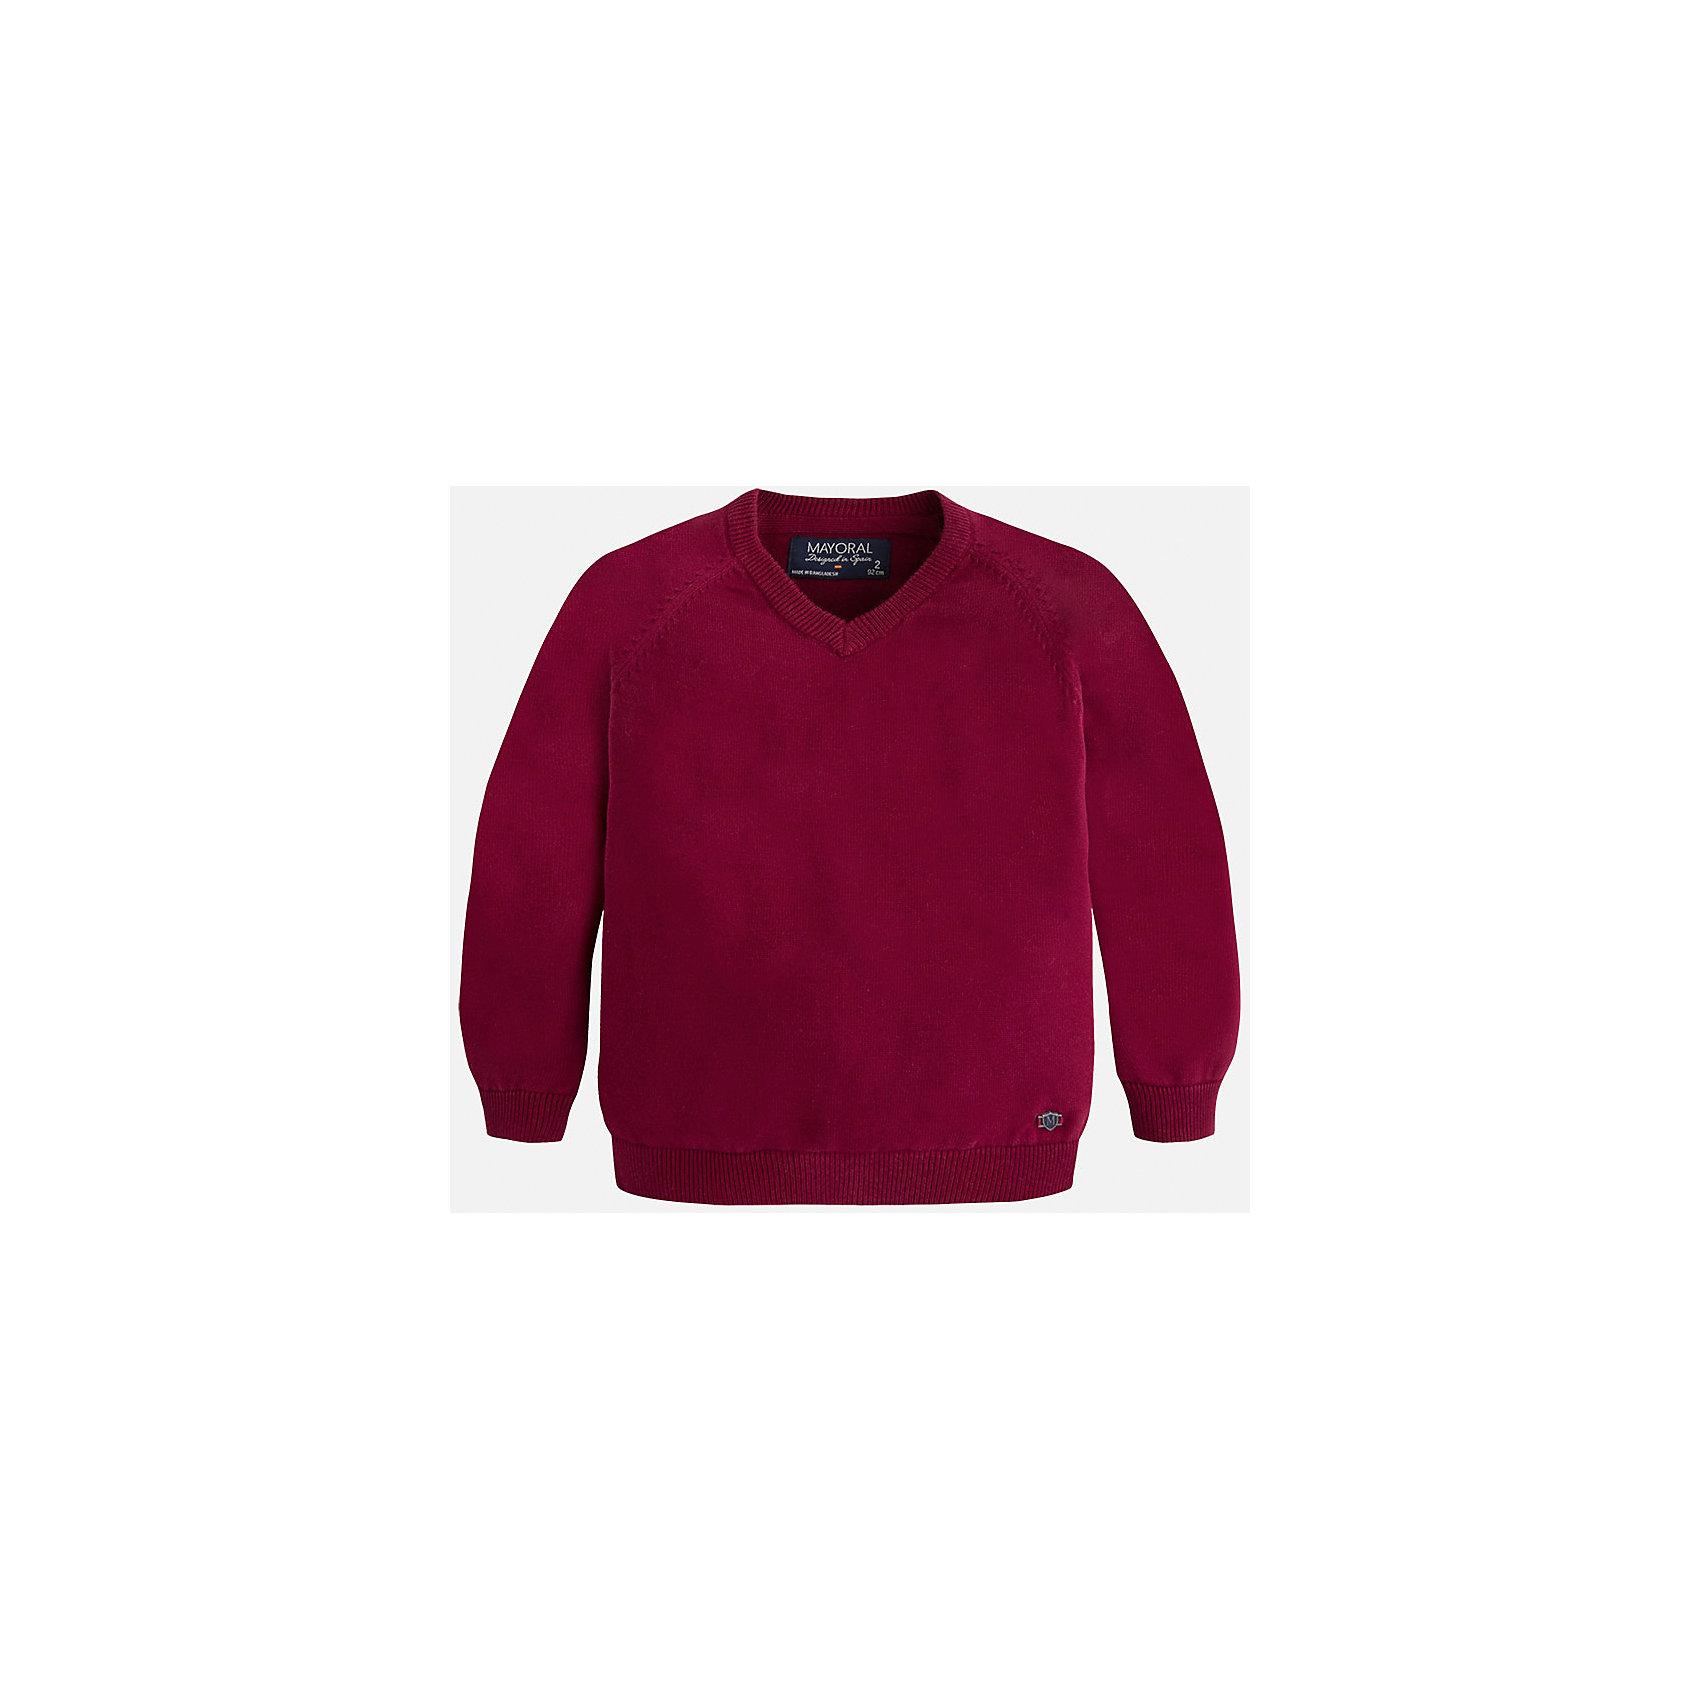 Свитер для мальчика MayoralСтильный свитер для настоящего джентльмена с V- образным вырезом! У свитера классический крой и красивый вырез, поэтому его можно комбинировать с разными вещими и носить в любой сезон.<br><br>Дополнительная информация:<br><br>- Прямой крой,V- образный вырез. <br>- Страна бренда: Испания.<br>- Состав: хлопок 100%<br>- Цвет: бордовый.<br>- Уход: бережная стирка при 30 градусах.<br><br>Купить свитер для мальчика Mayoral можно в нашем магазине.<br><br>Ширина мм: 190<br>Глубина мм: 74<br>Высота мм: 229<br>Вес г: 236<br>Цвет: бордовый<br>Возраст от месяцев: 96<br>Возраст до месяцев: 108<br>Пол: Мужской<br>Возраст: Детский<br>Размер: 128,110,134,122,116,104,98<br>SKU: 4821679